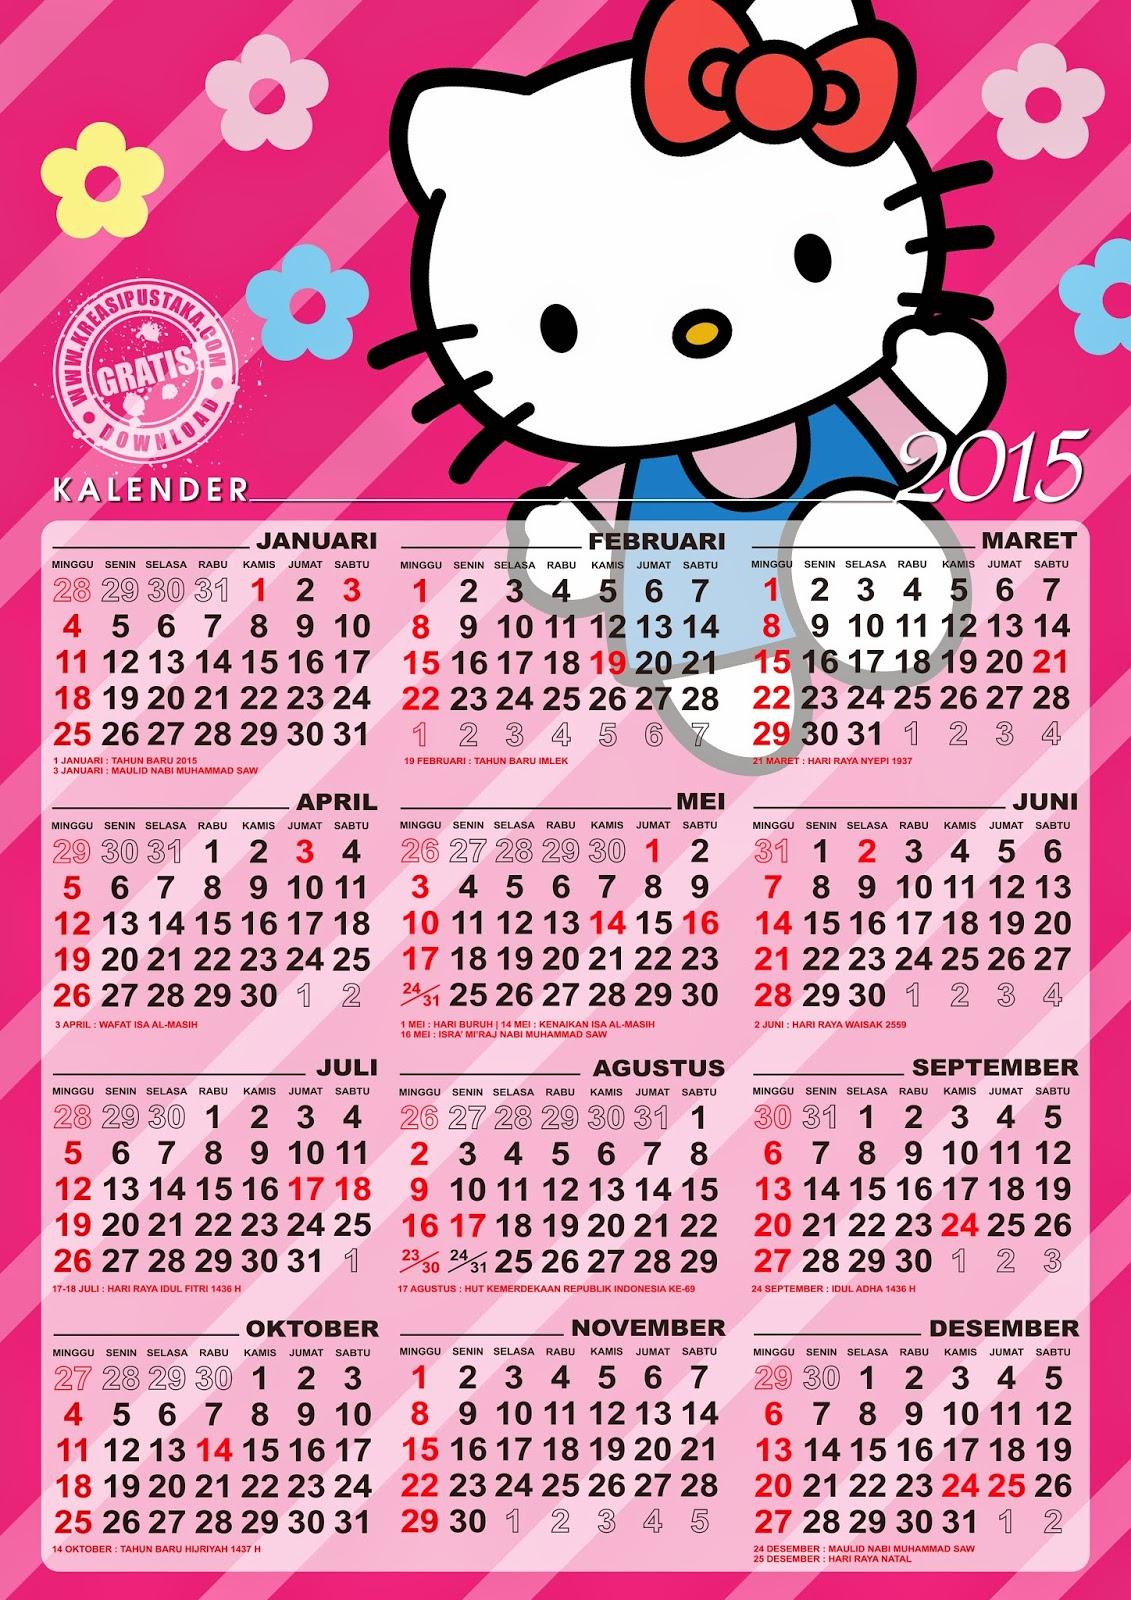 Download Gratis Kalender 2015 sesukamu. Segera download dan dapatkan ...